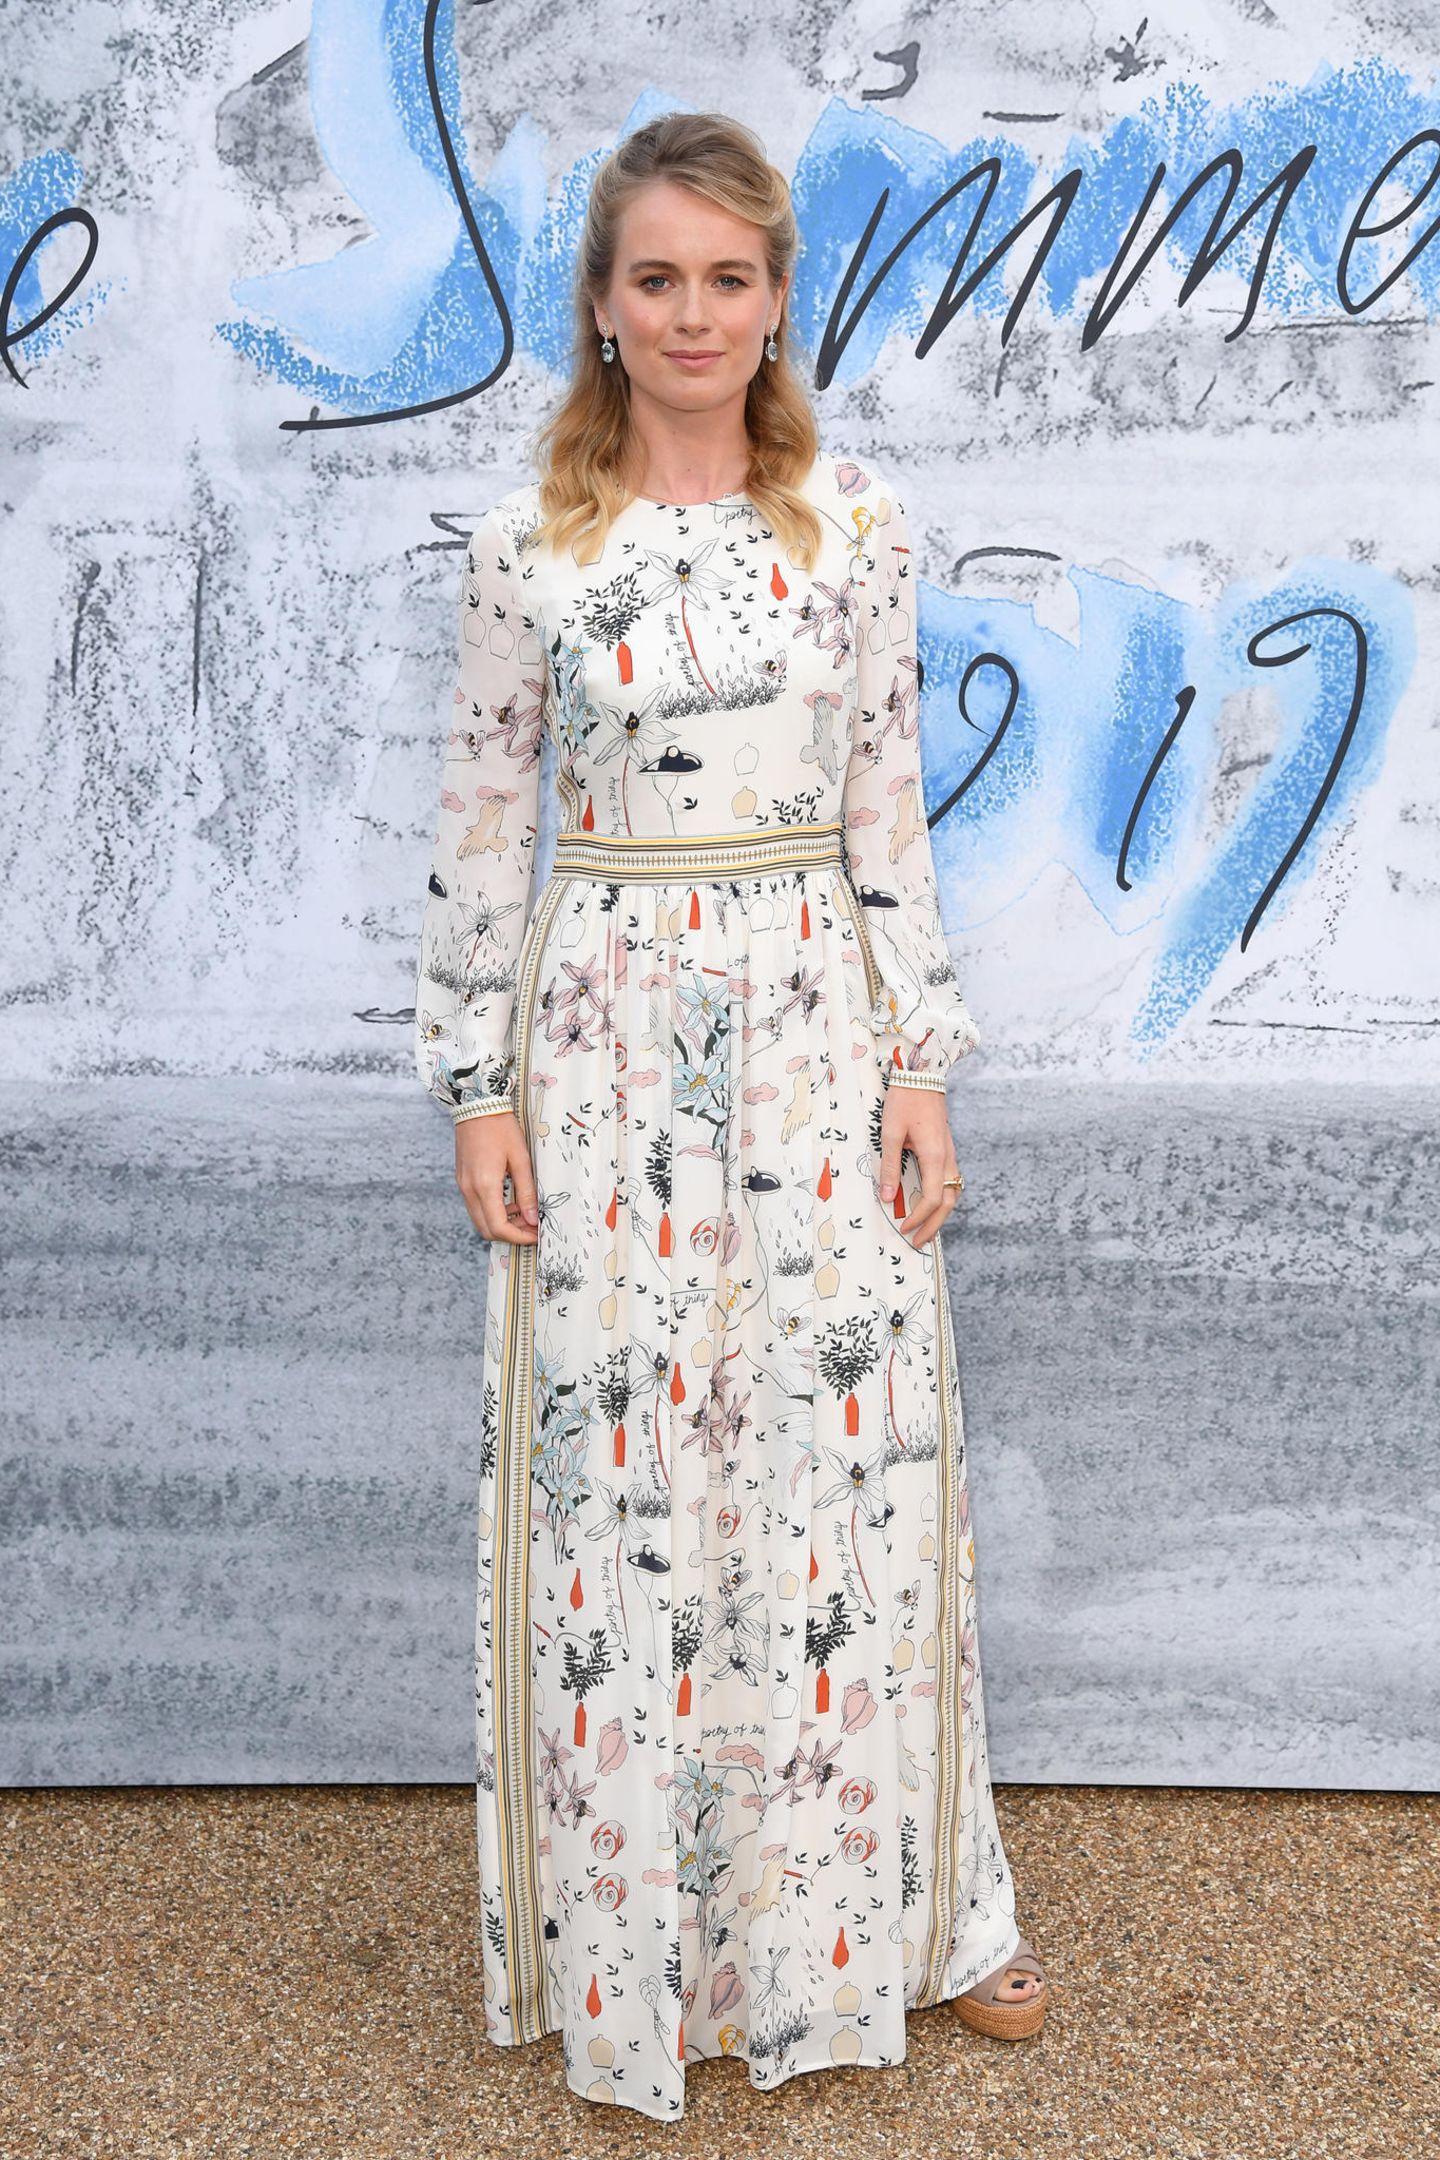 Harry-Ex Cressida Bonas mag es relativ schlicht. Sie schlüpft einfach in ein Kleid, das einen dezenten Print hat und schlicht geschnitten ist.